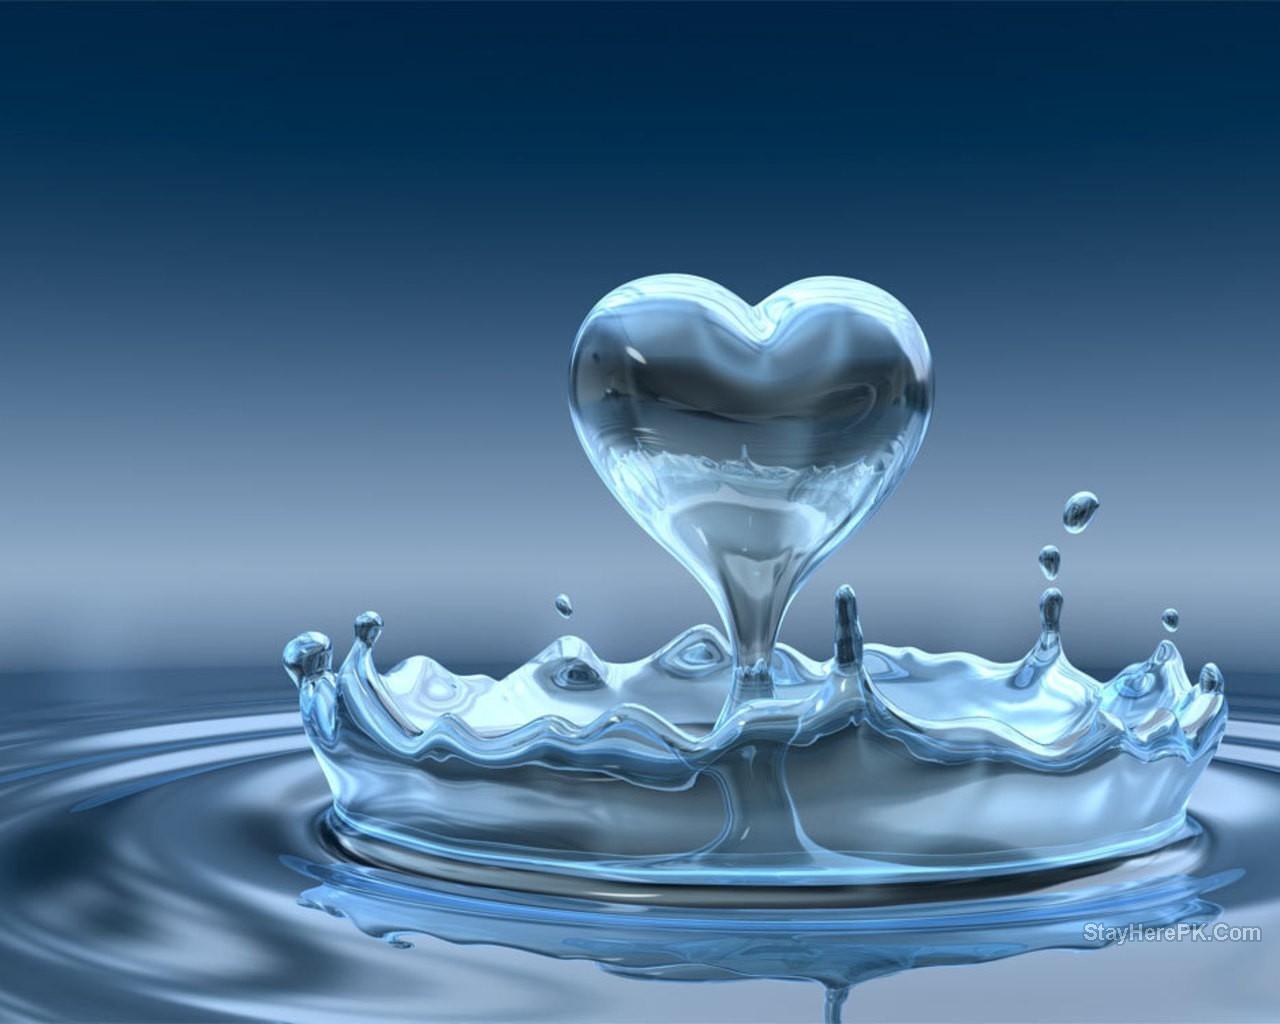 http://1.bp.blogspot.com/-Dxu-yoiipqU/TWUTf1kTyGI/AAAAAAAAFOE/UbdTjgAnHwo/s1600/image-9B35_4D62E2C9.jpg